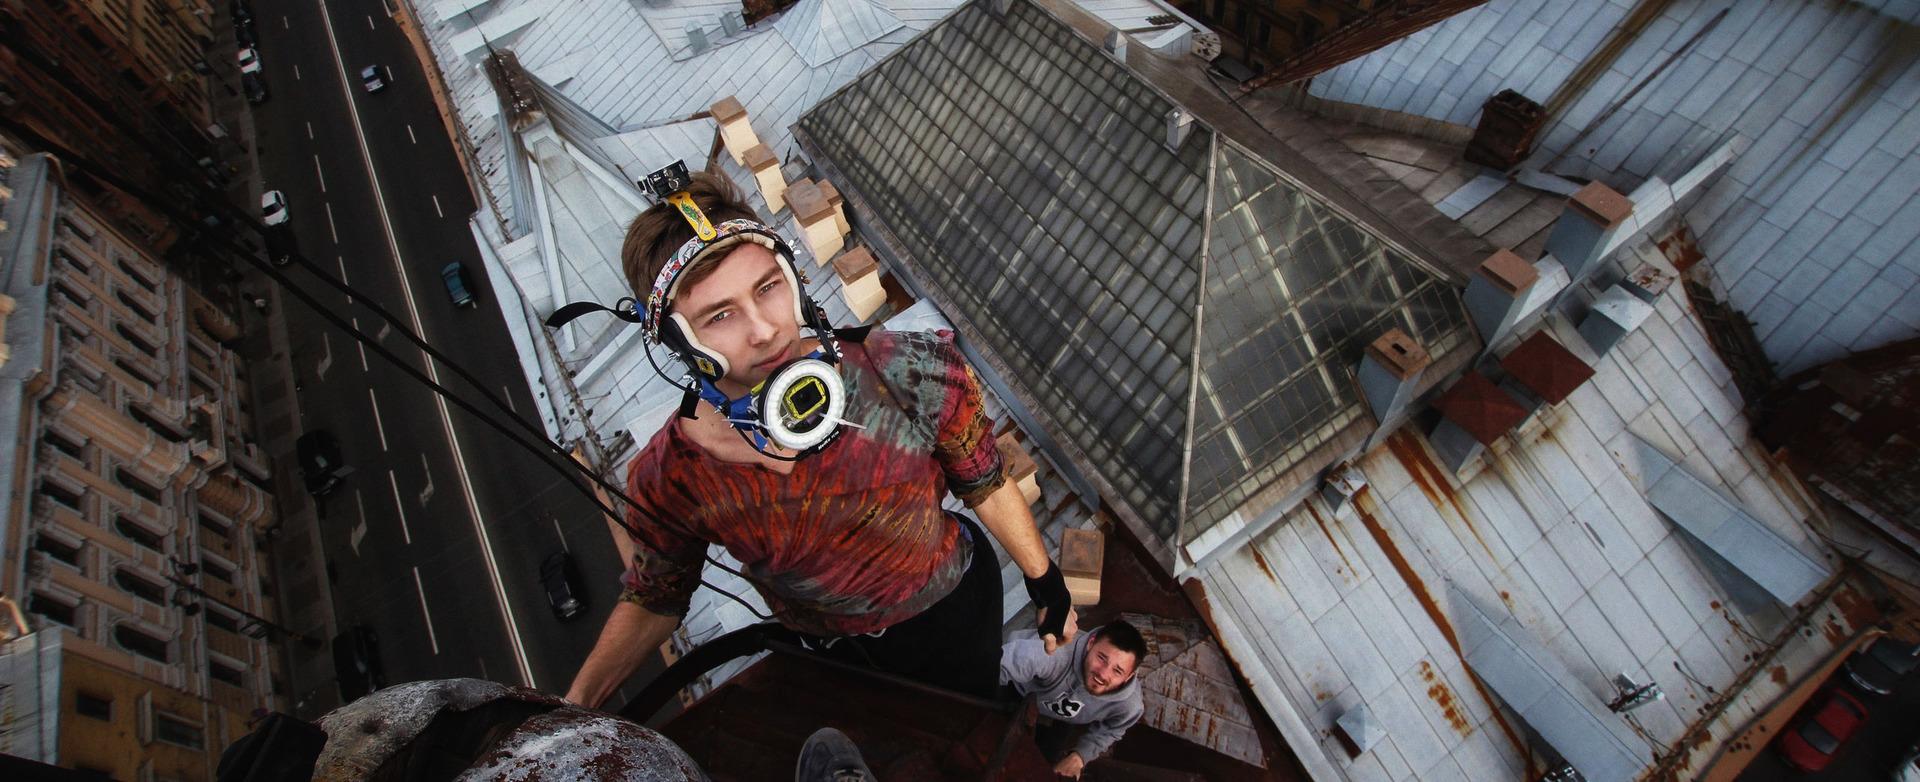 Adventure Mask: как от паркура прийти к инновации в кинематографе - 1